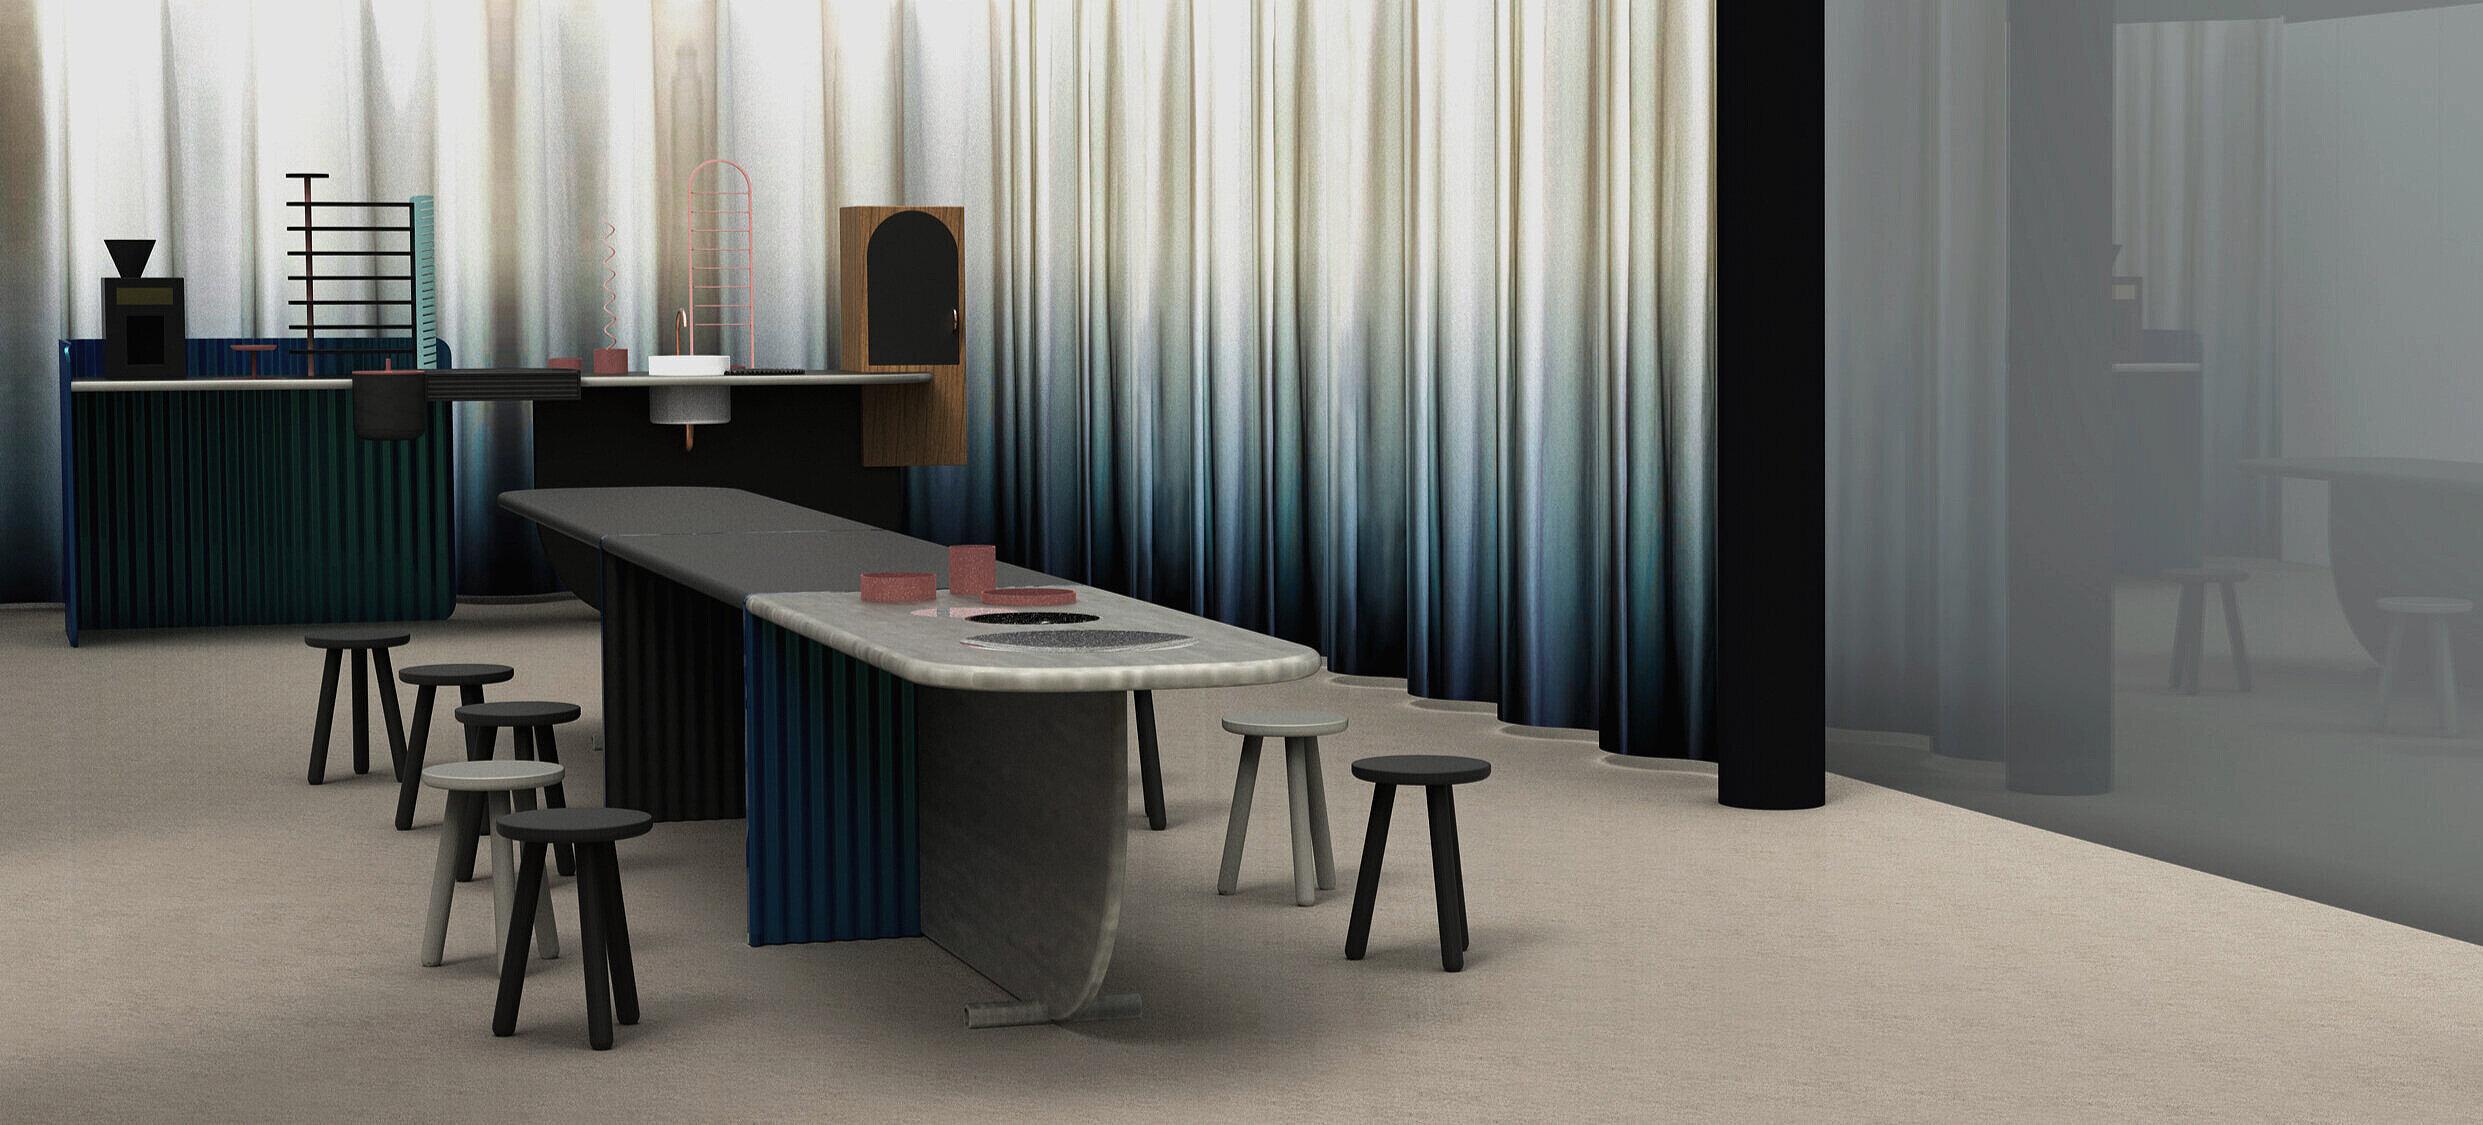 Erde-%2526-Himmel_Concept_Foyer.jpg